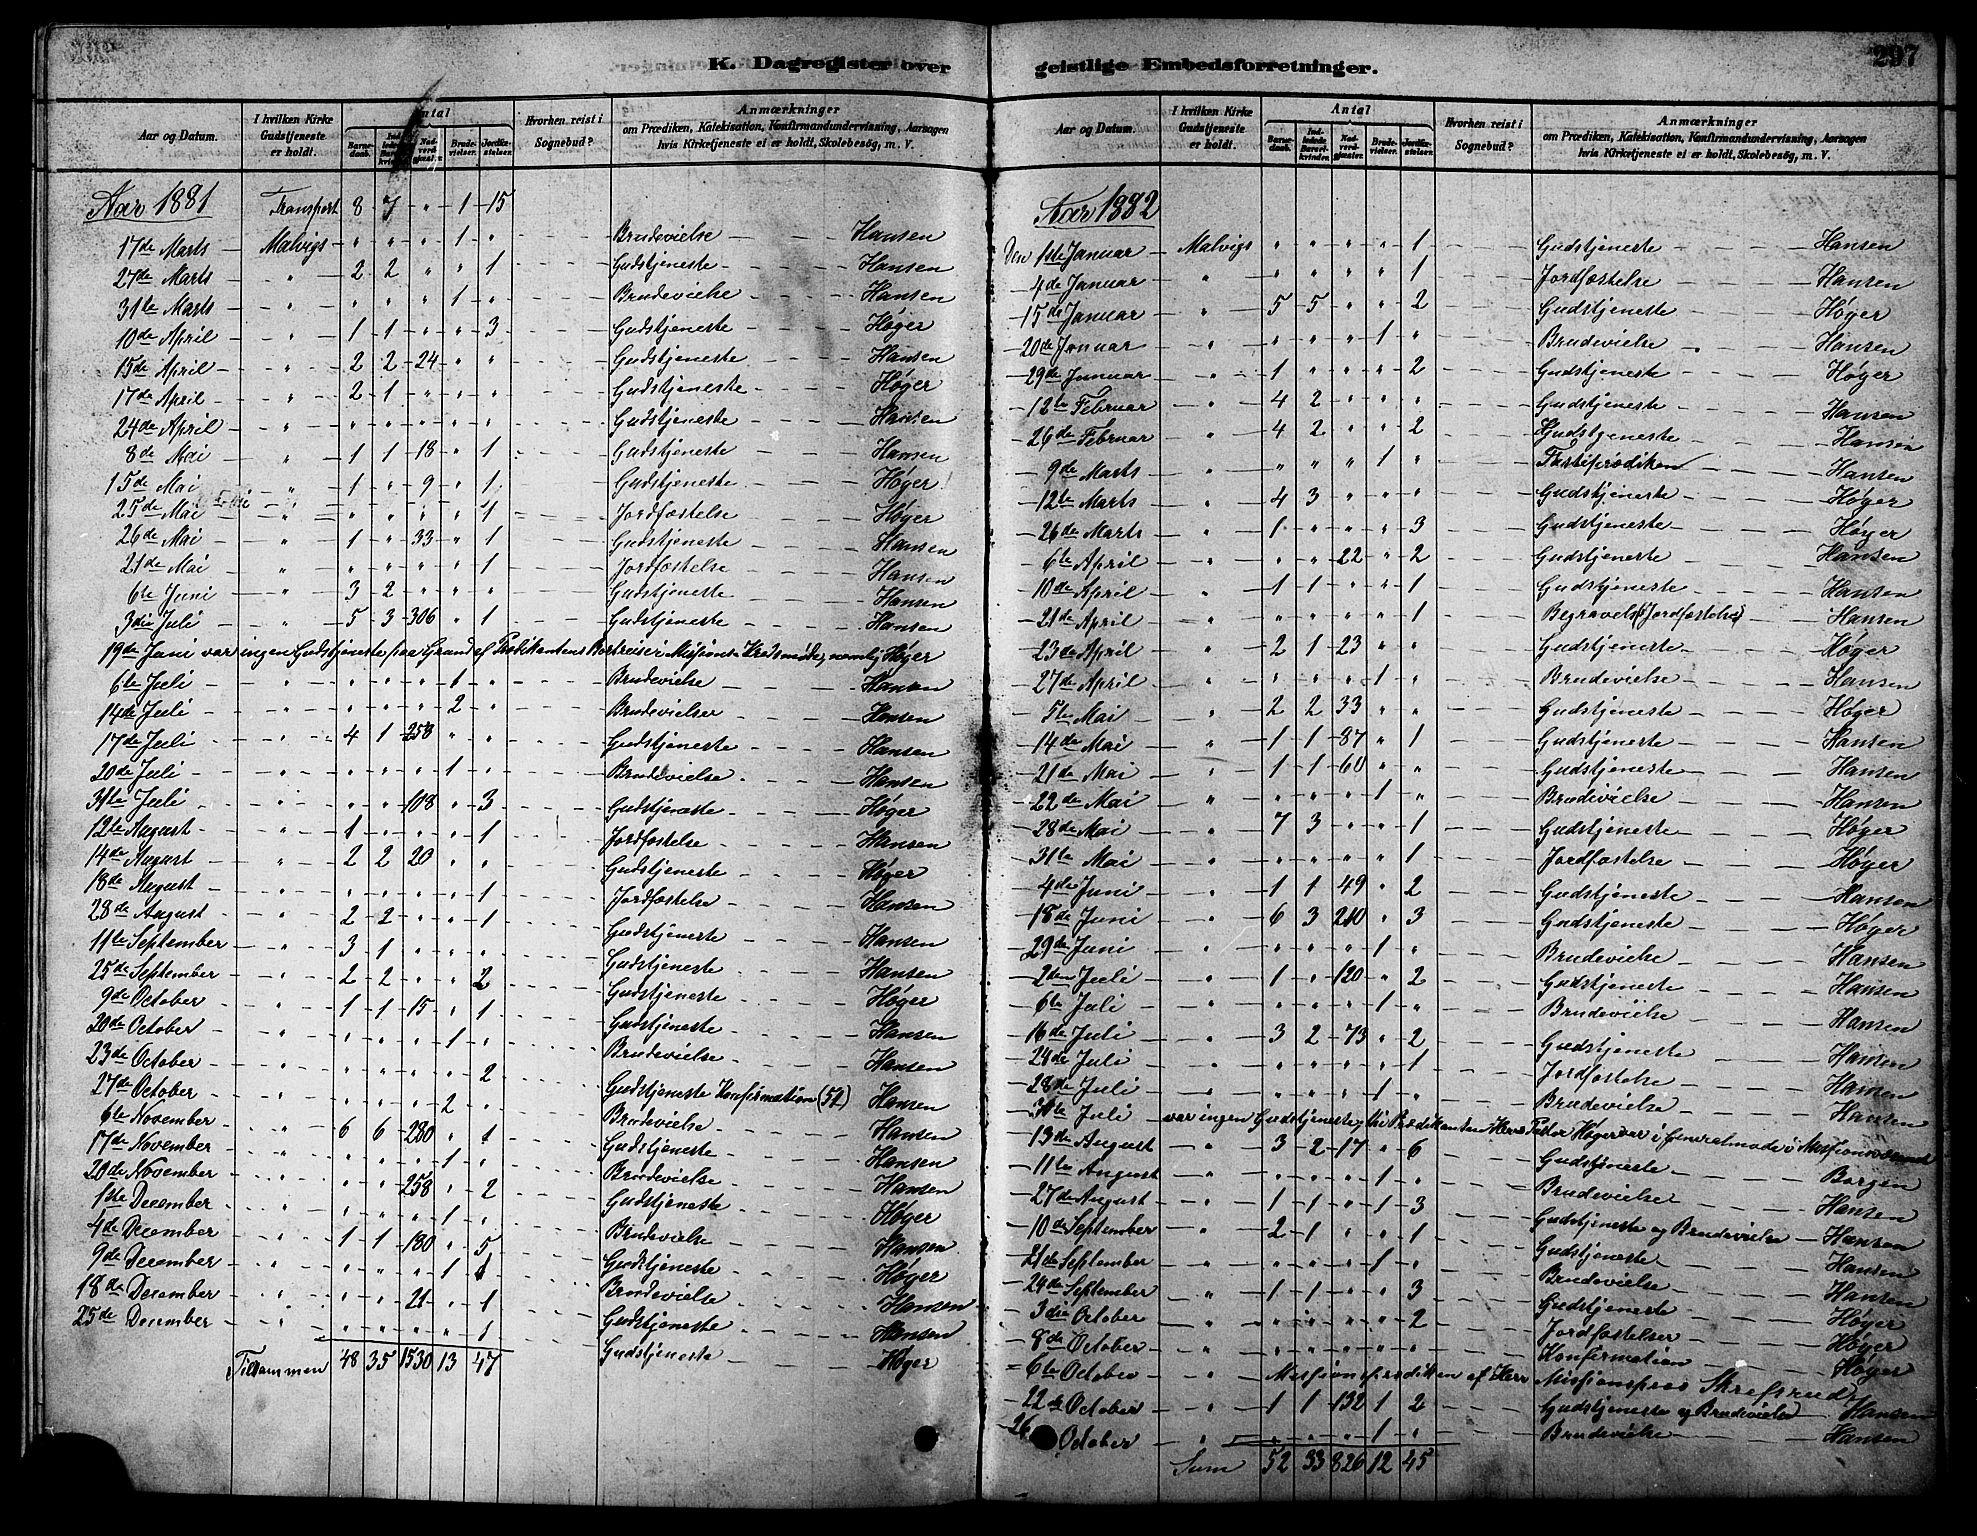 SAT, Ministerialprotokoller, klokkerbøker og fødselsregistre - Sør-Trøndelag, 616/L0423: Klokkerbok nr. 616C06, 1878-1903, s. 297